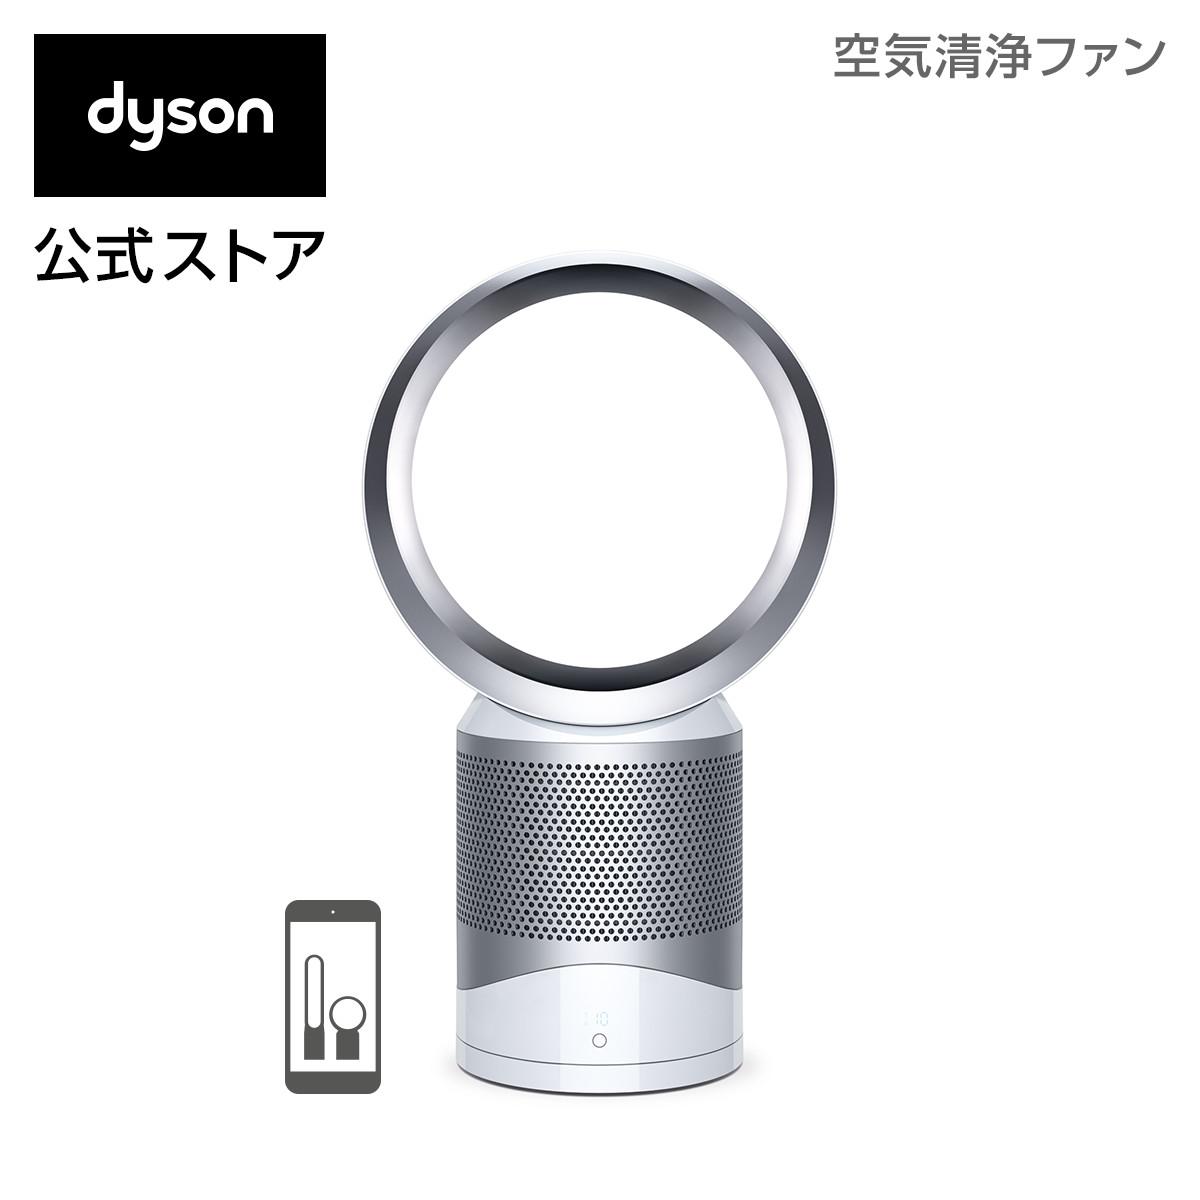 ダイソン Dyson Pure Cool Link DP03 WS 空気清浄機能付テーブルファン 扇風機 ホワイト/シルバー 【新品/メーカー2年保証】